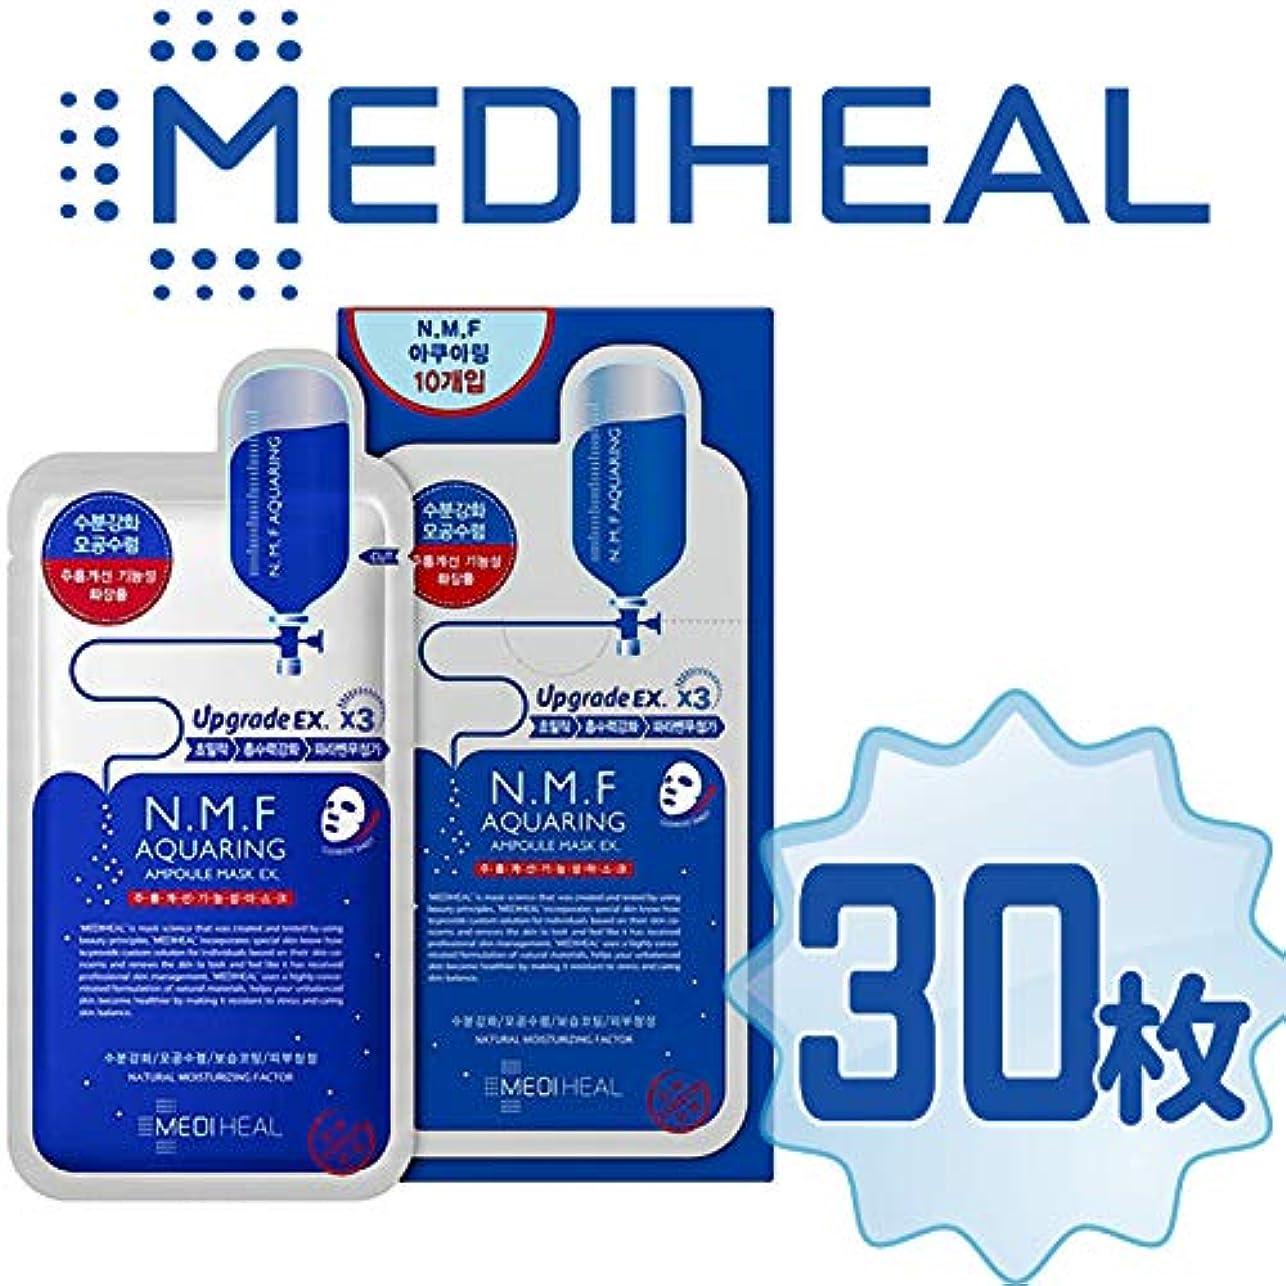 記念受粉するデッキ【正規輸入品】Mediheal メディヒール N.M.F アクアリング アンプル?マスクパックEX 10枚入り×3(Aquaring Ampoule Essential Mask PackEX 1box(10sheet)×3